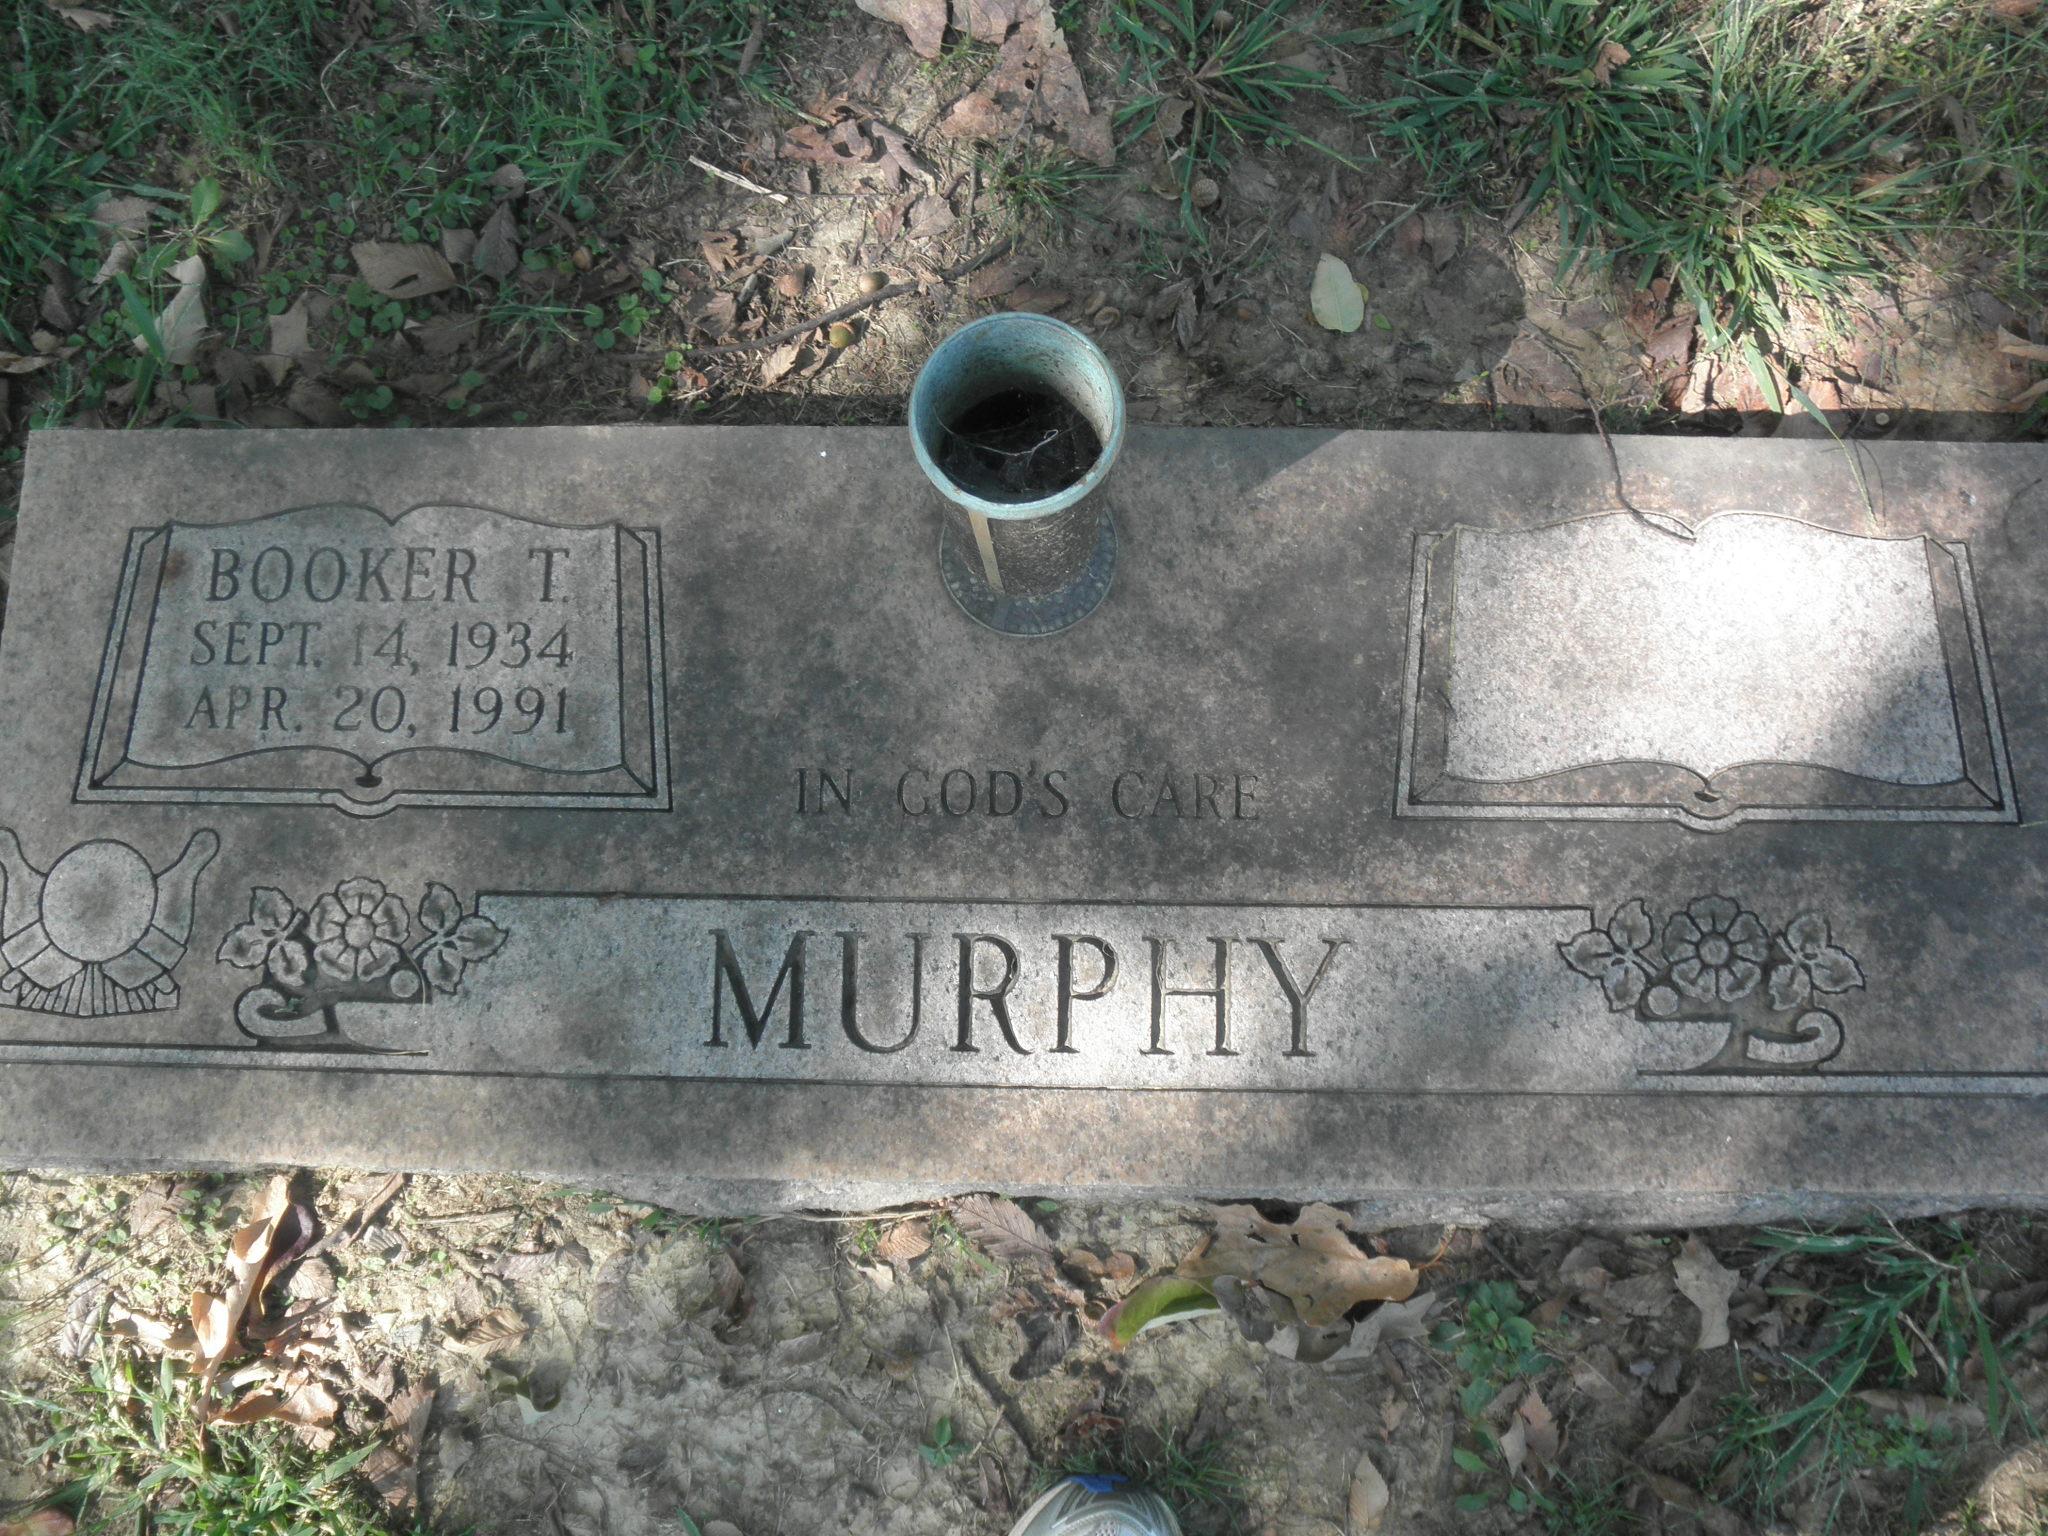 Booker T. Murphy